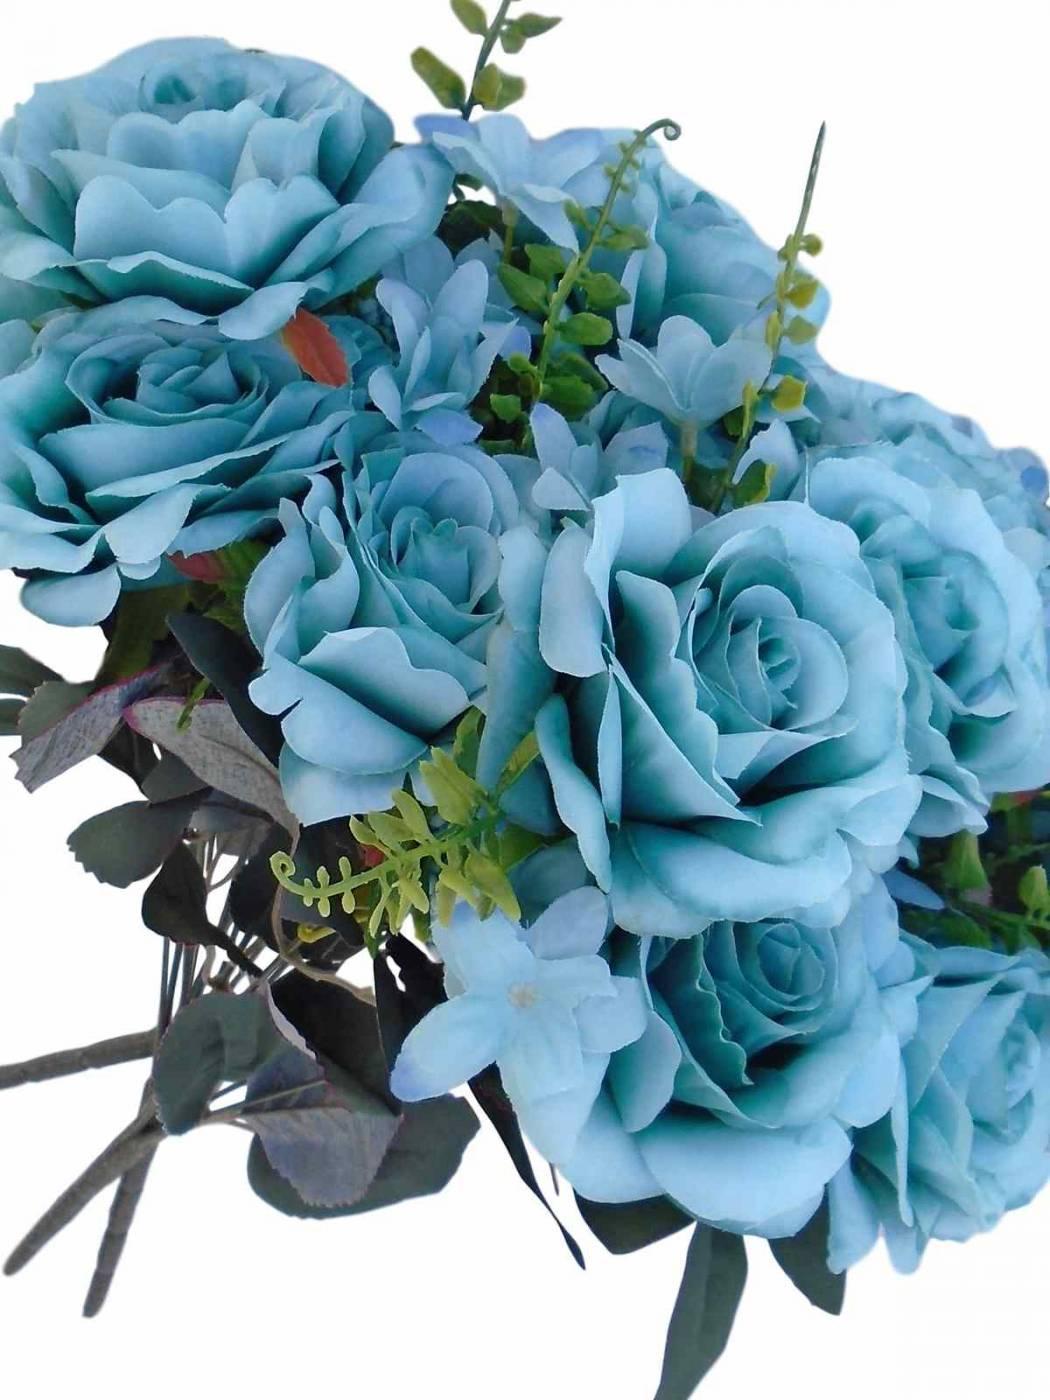 Buques de rosas com folhagens e complementos